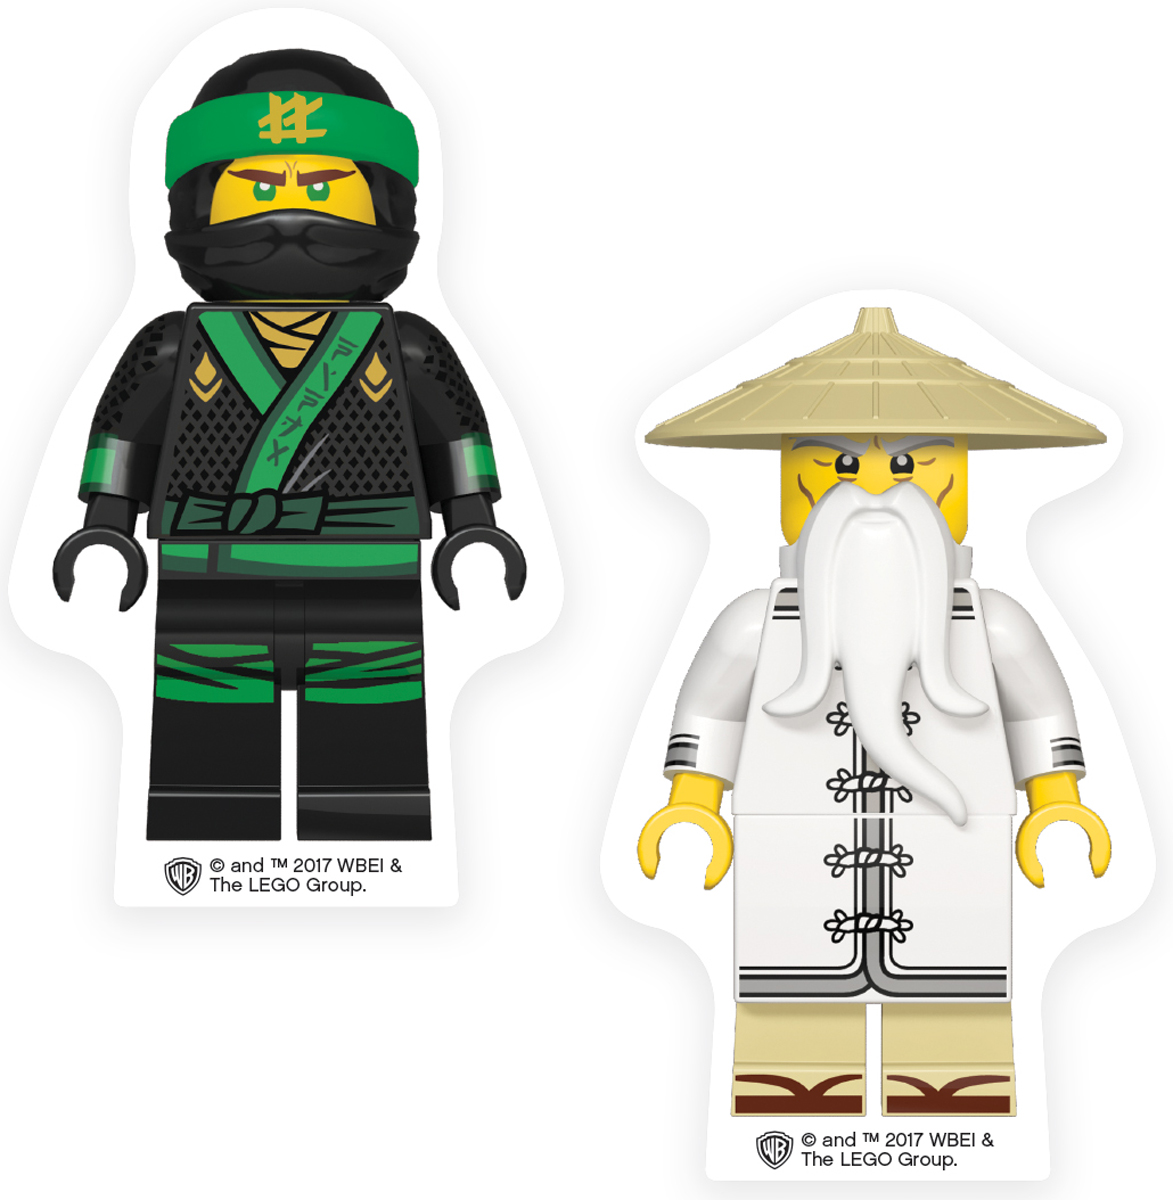 LEGO NINJAGO Набор ластиков Lloyd Wu 2 шт 5187751877Ластик подходит для стирания графитовых рисунков и надписей, не оставляет разводов, не царапает поверхность.